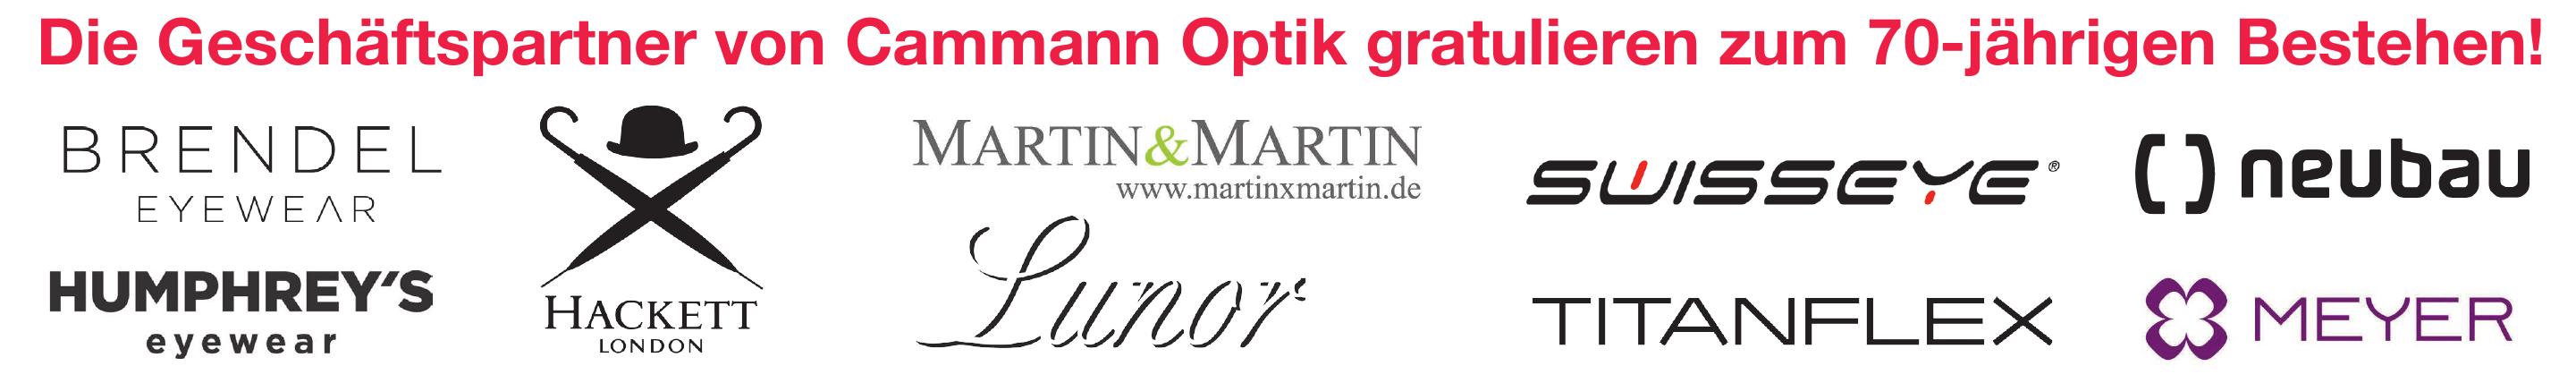 Geschäftspartner von Cammann Optik